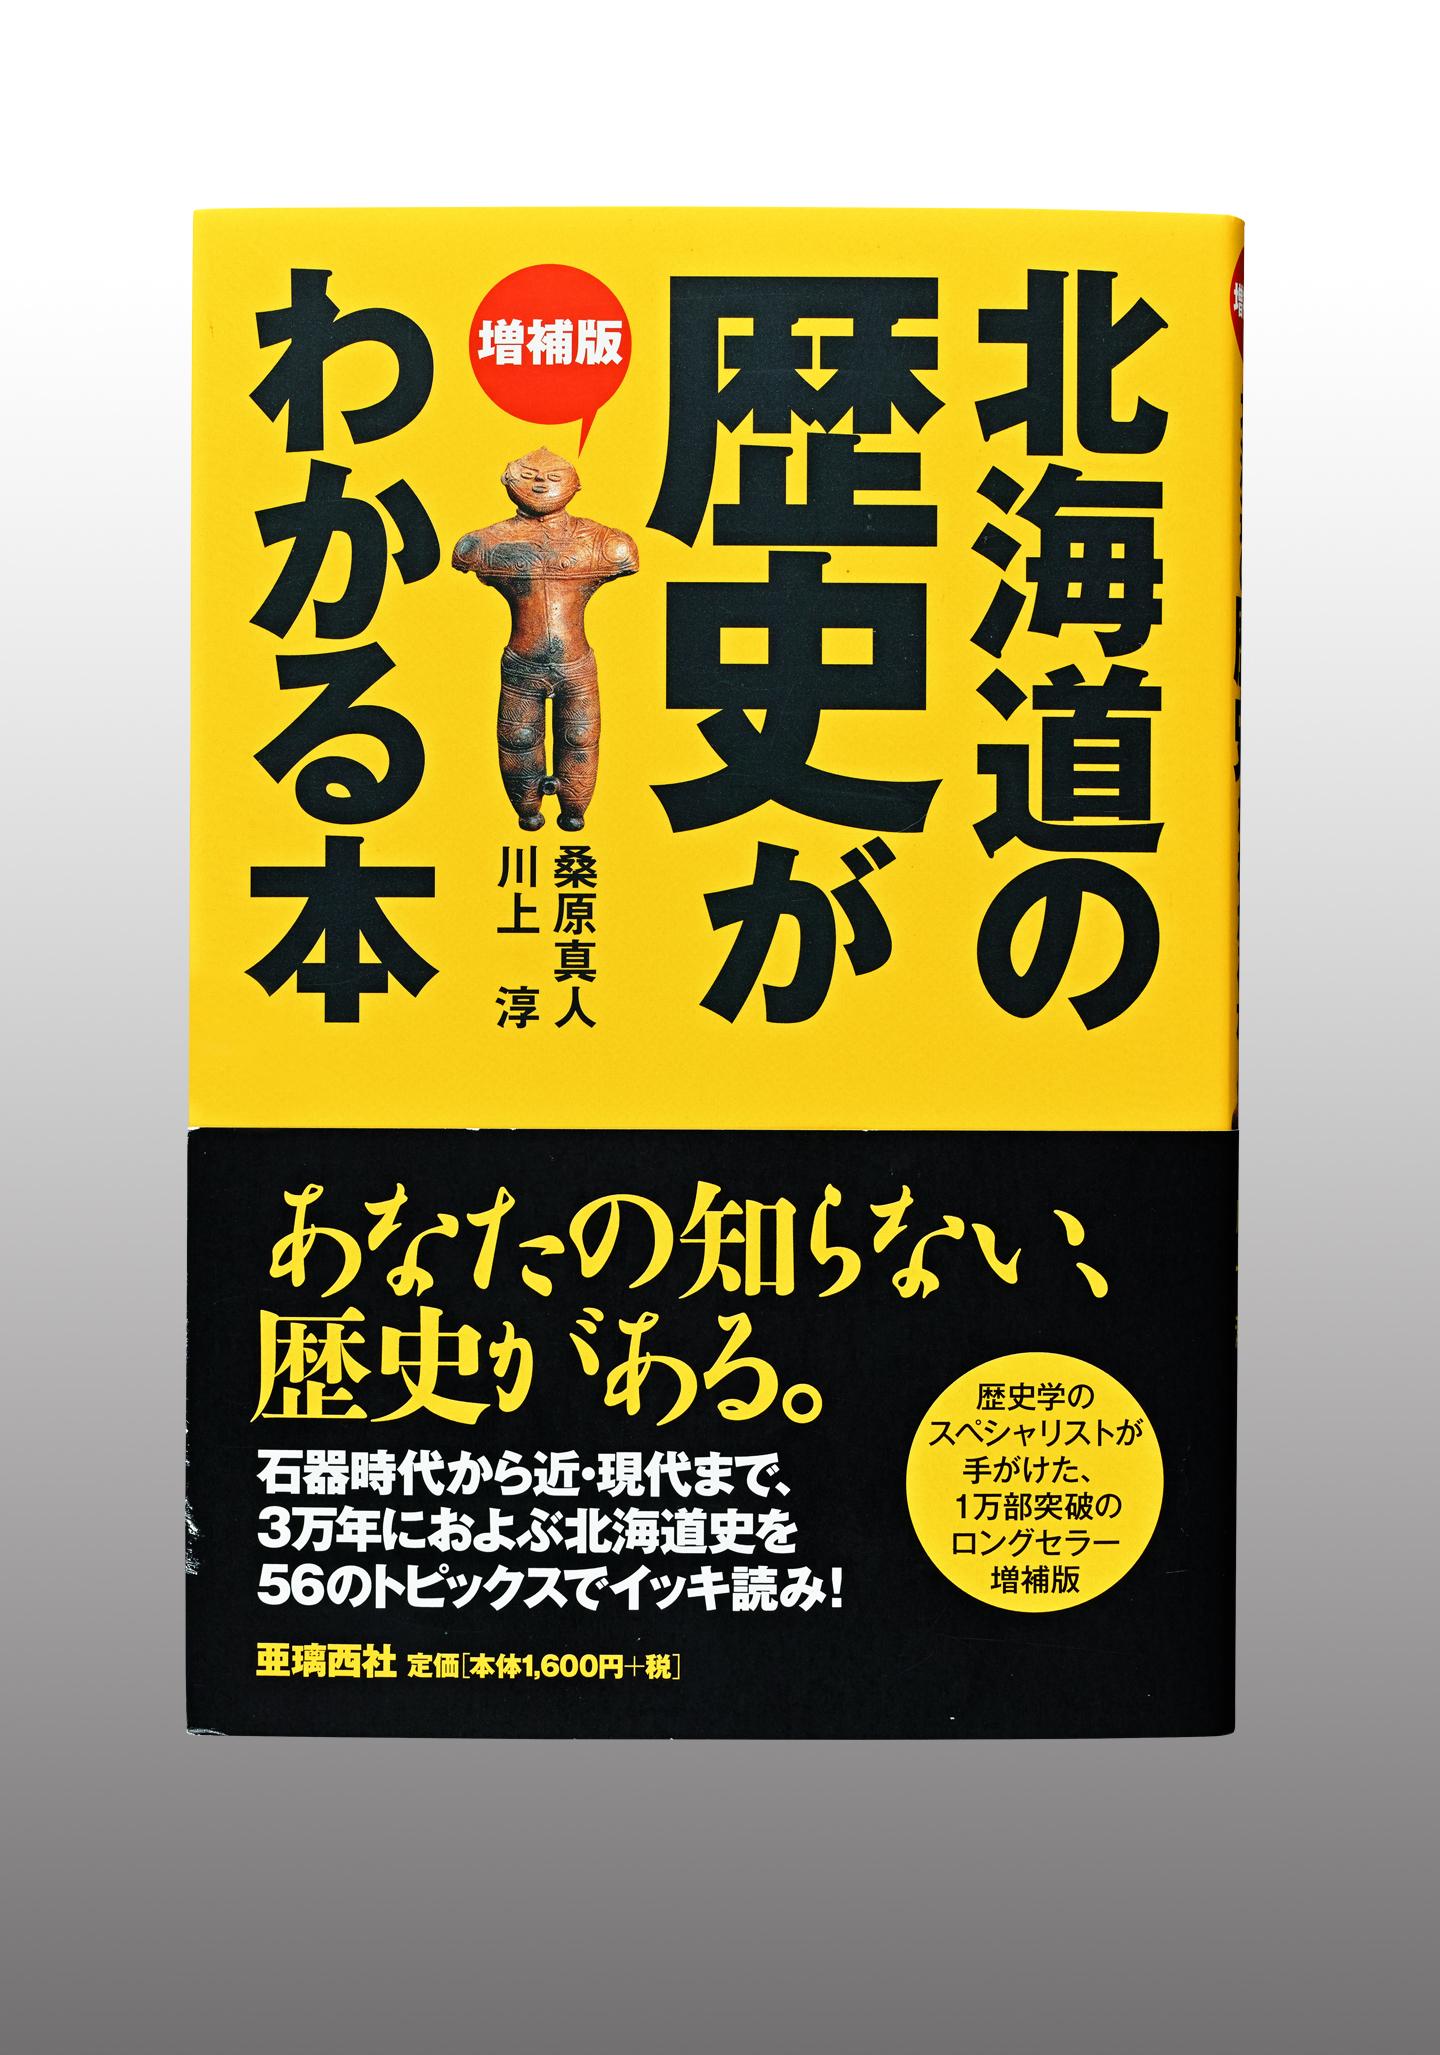 増補版 北海道の歴史がわかる本 | 書籍 | 事例紹介 | 株式会社アイワード